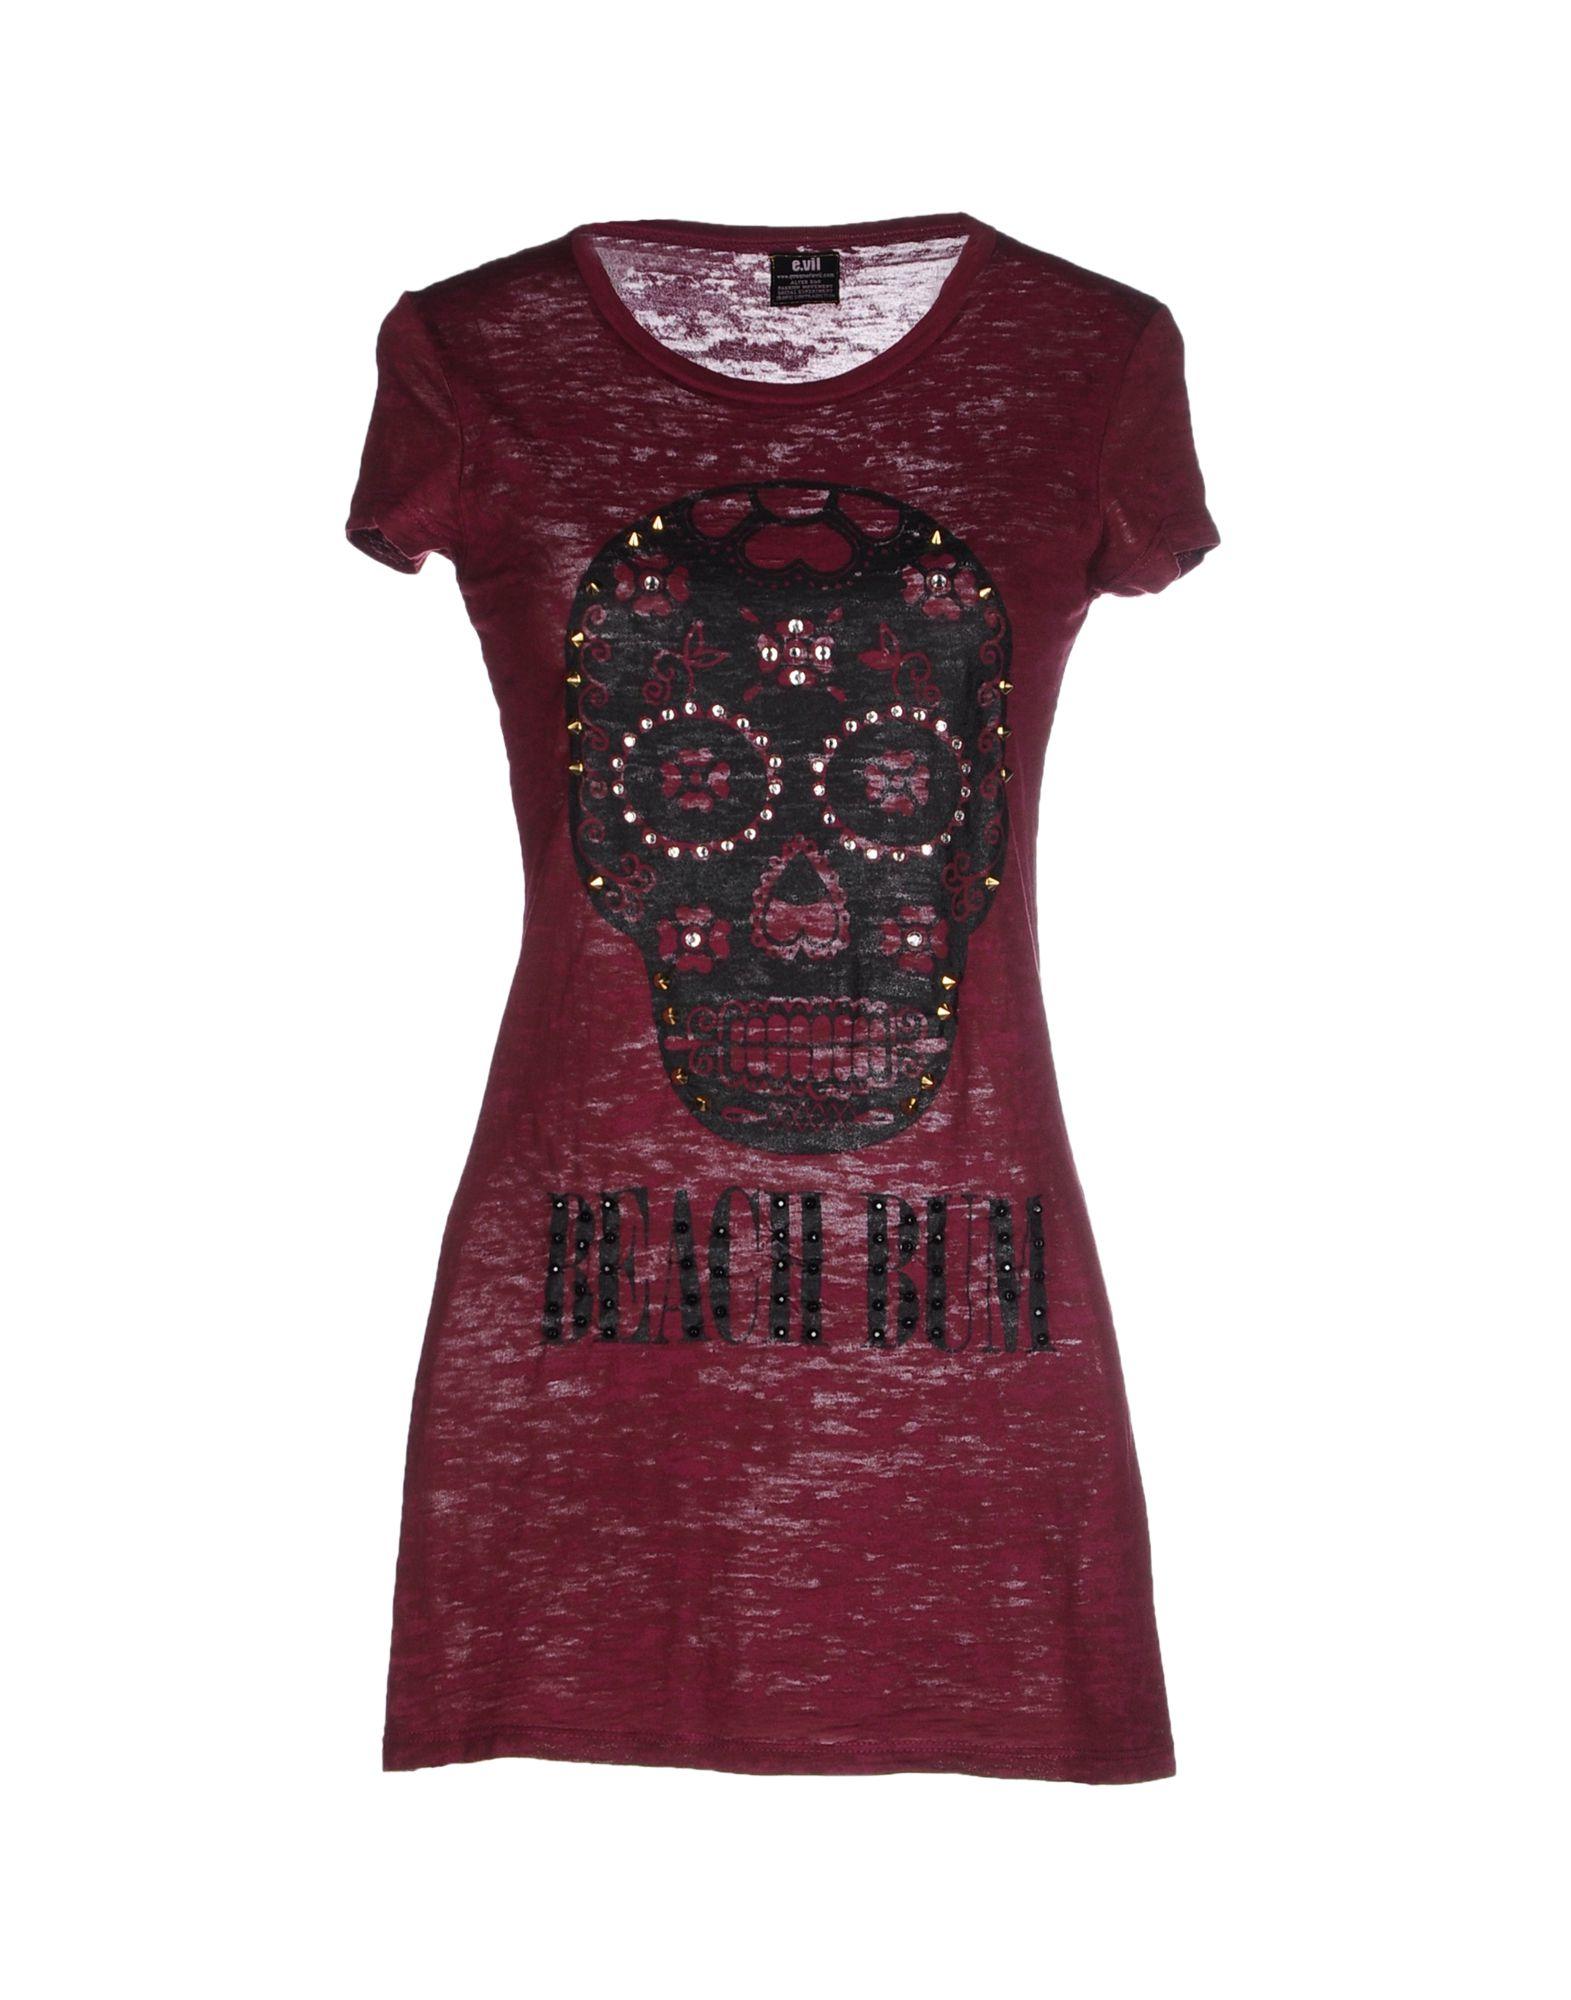 E.vil clothing online